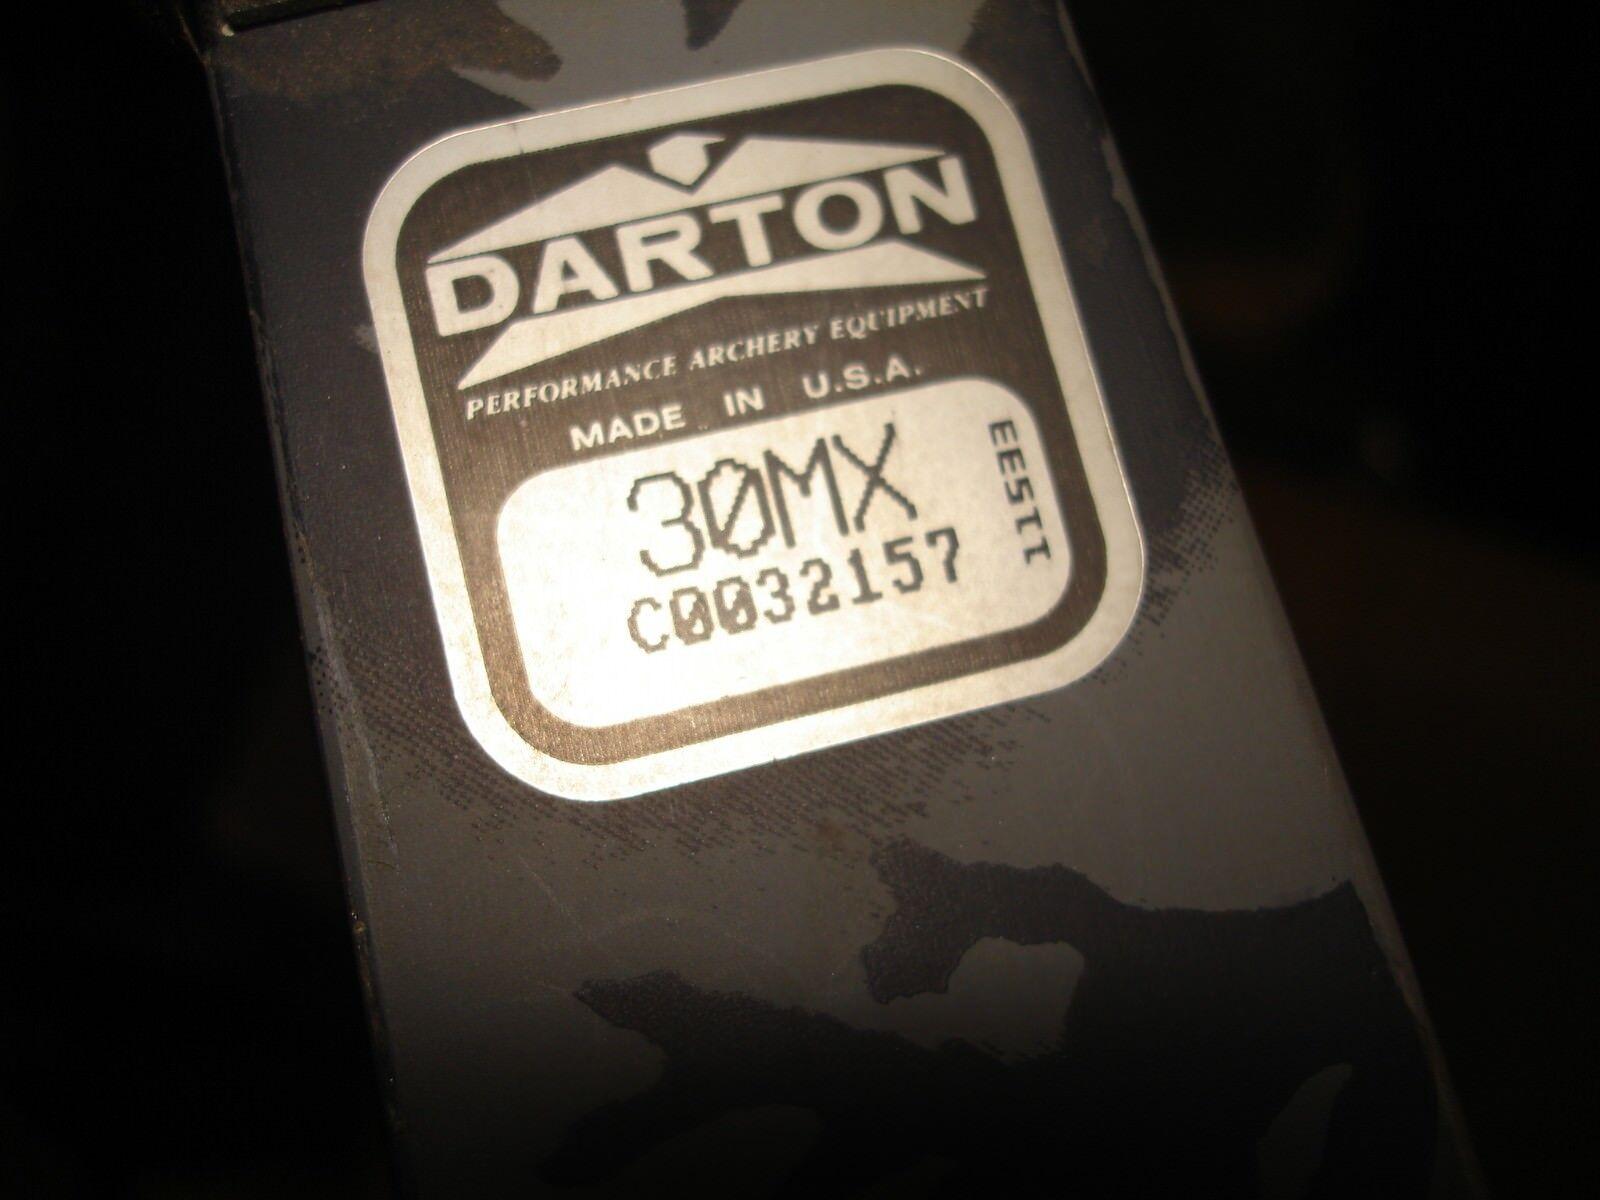 Darton arco compuesto 30mx Mano derecha RH agradable